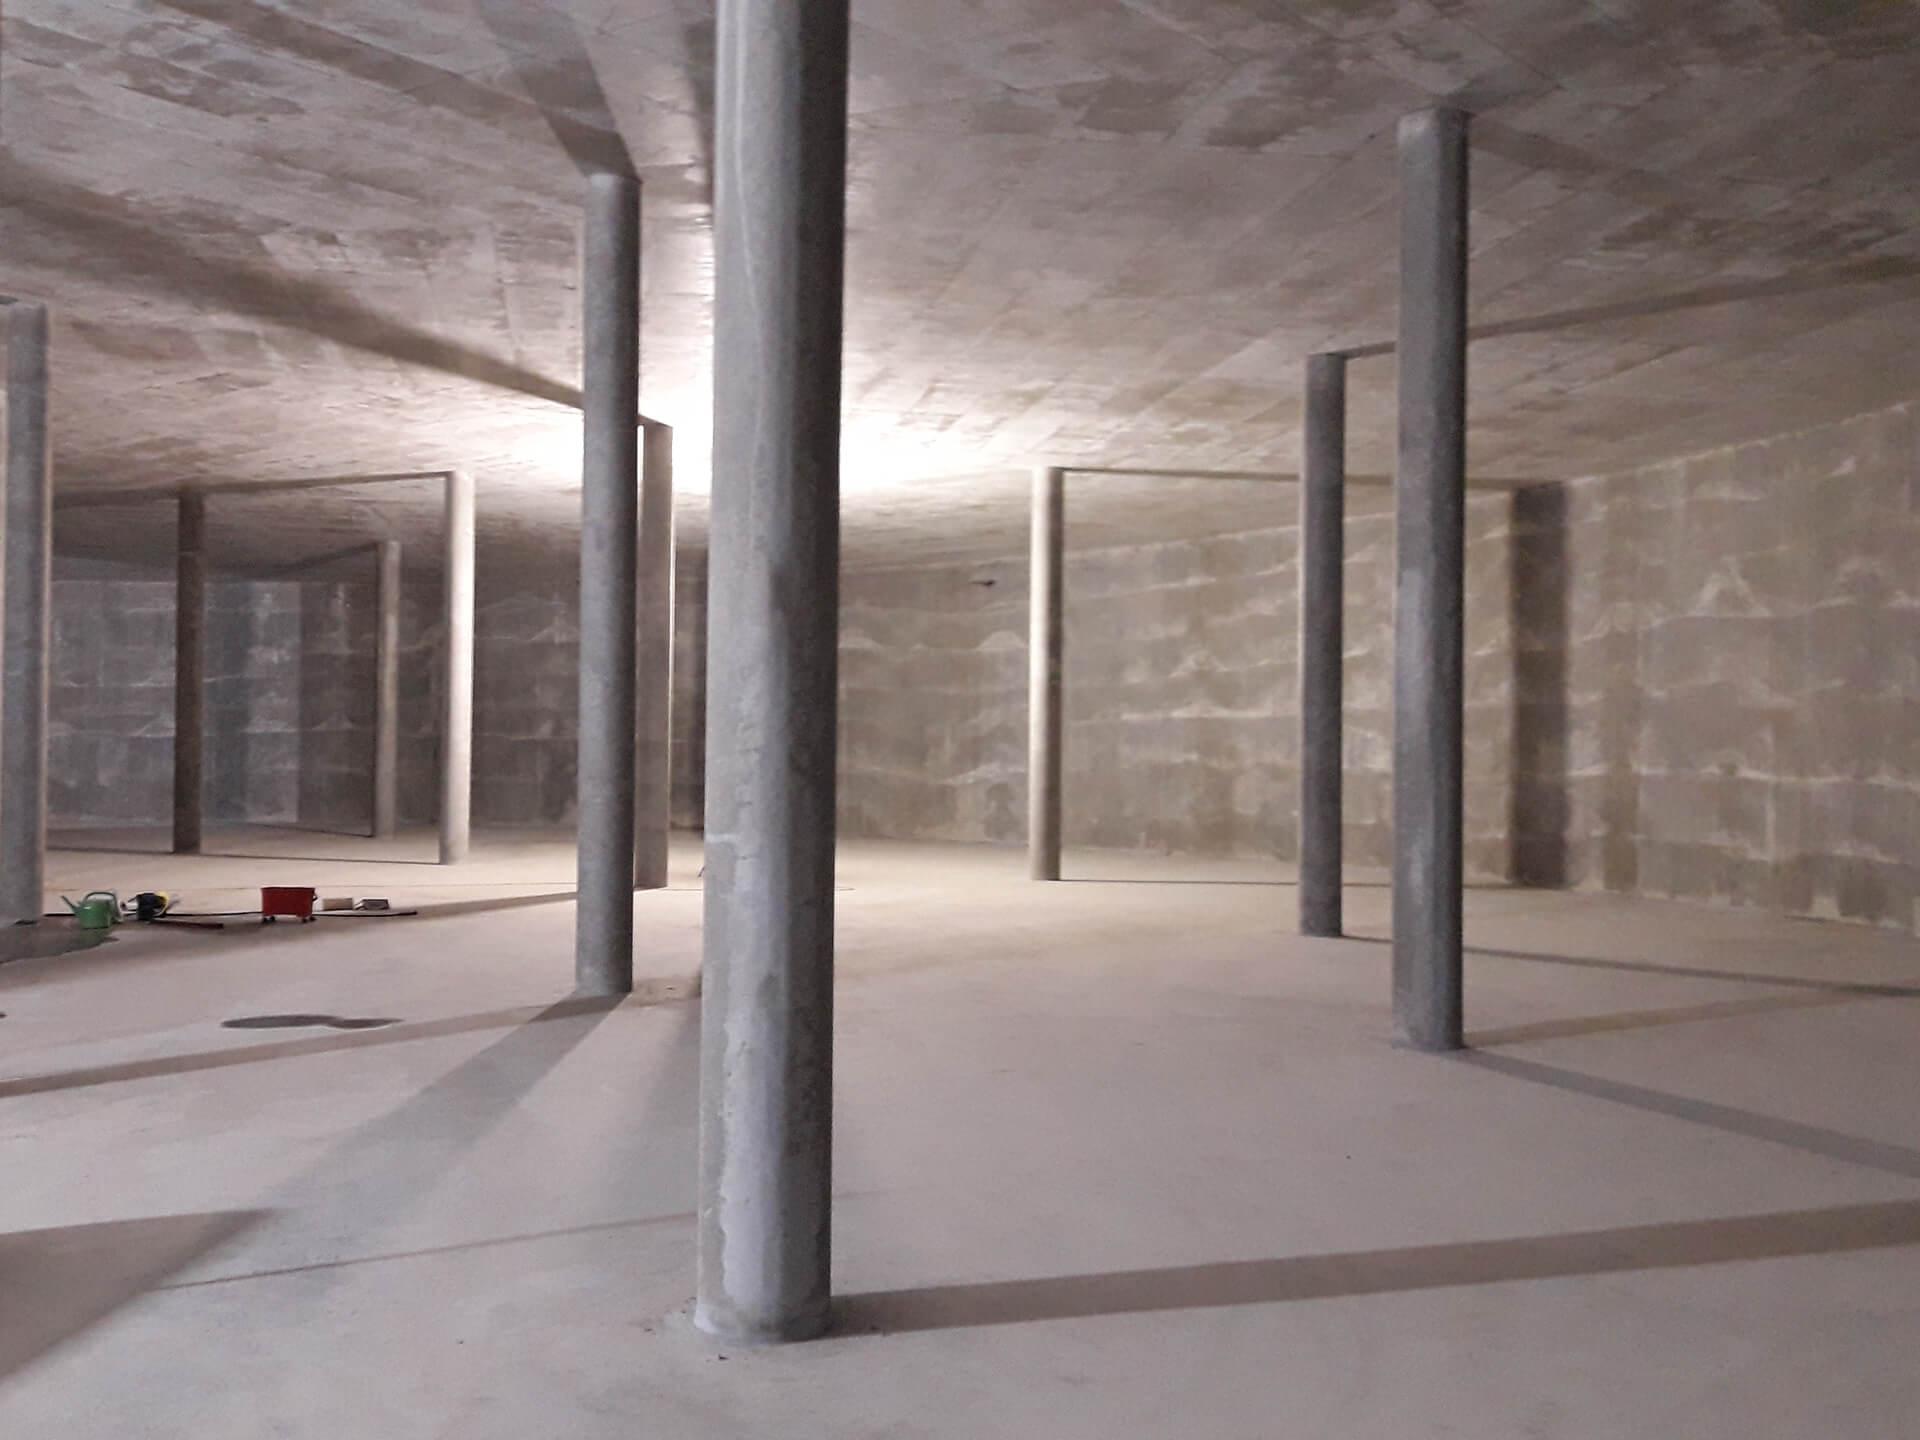 Die fertige Wasserkammer 2 wird beräumt, links im Bild eines der Belüftungsrohre, die an die Decke montiert werden und die Be- und Entlüftung gewährleisten.